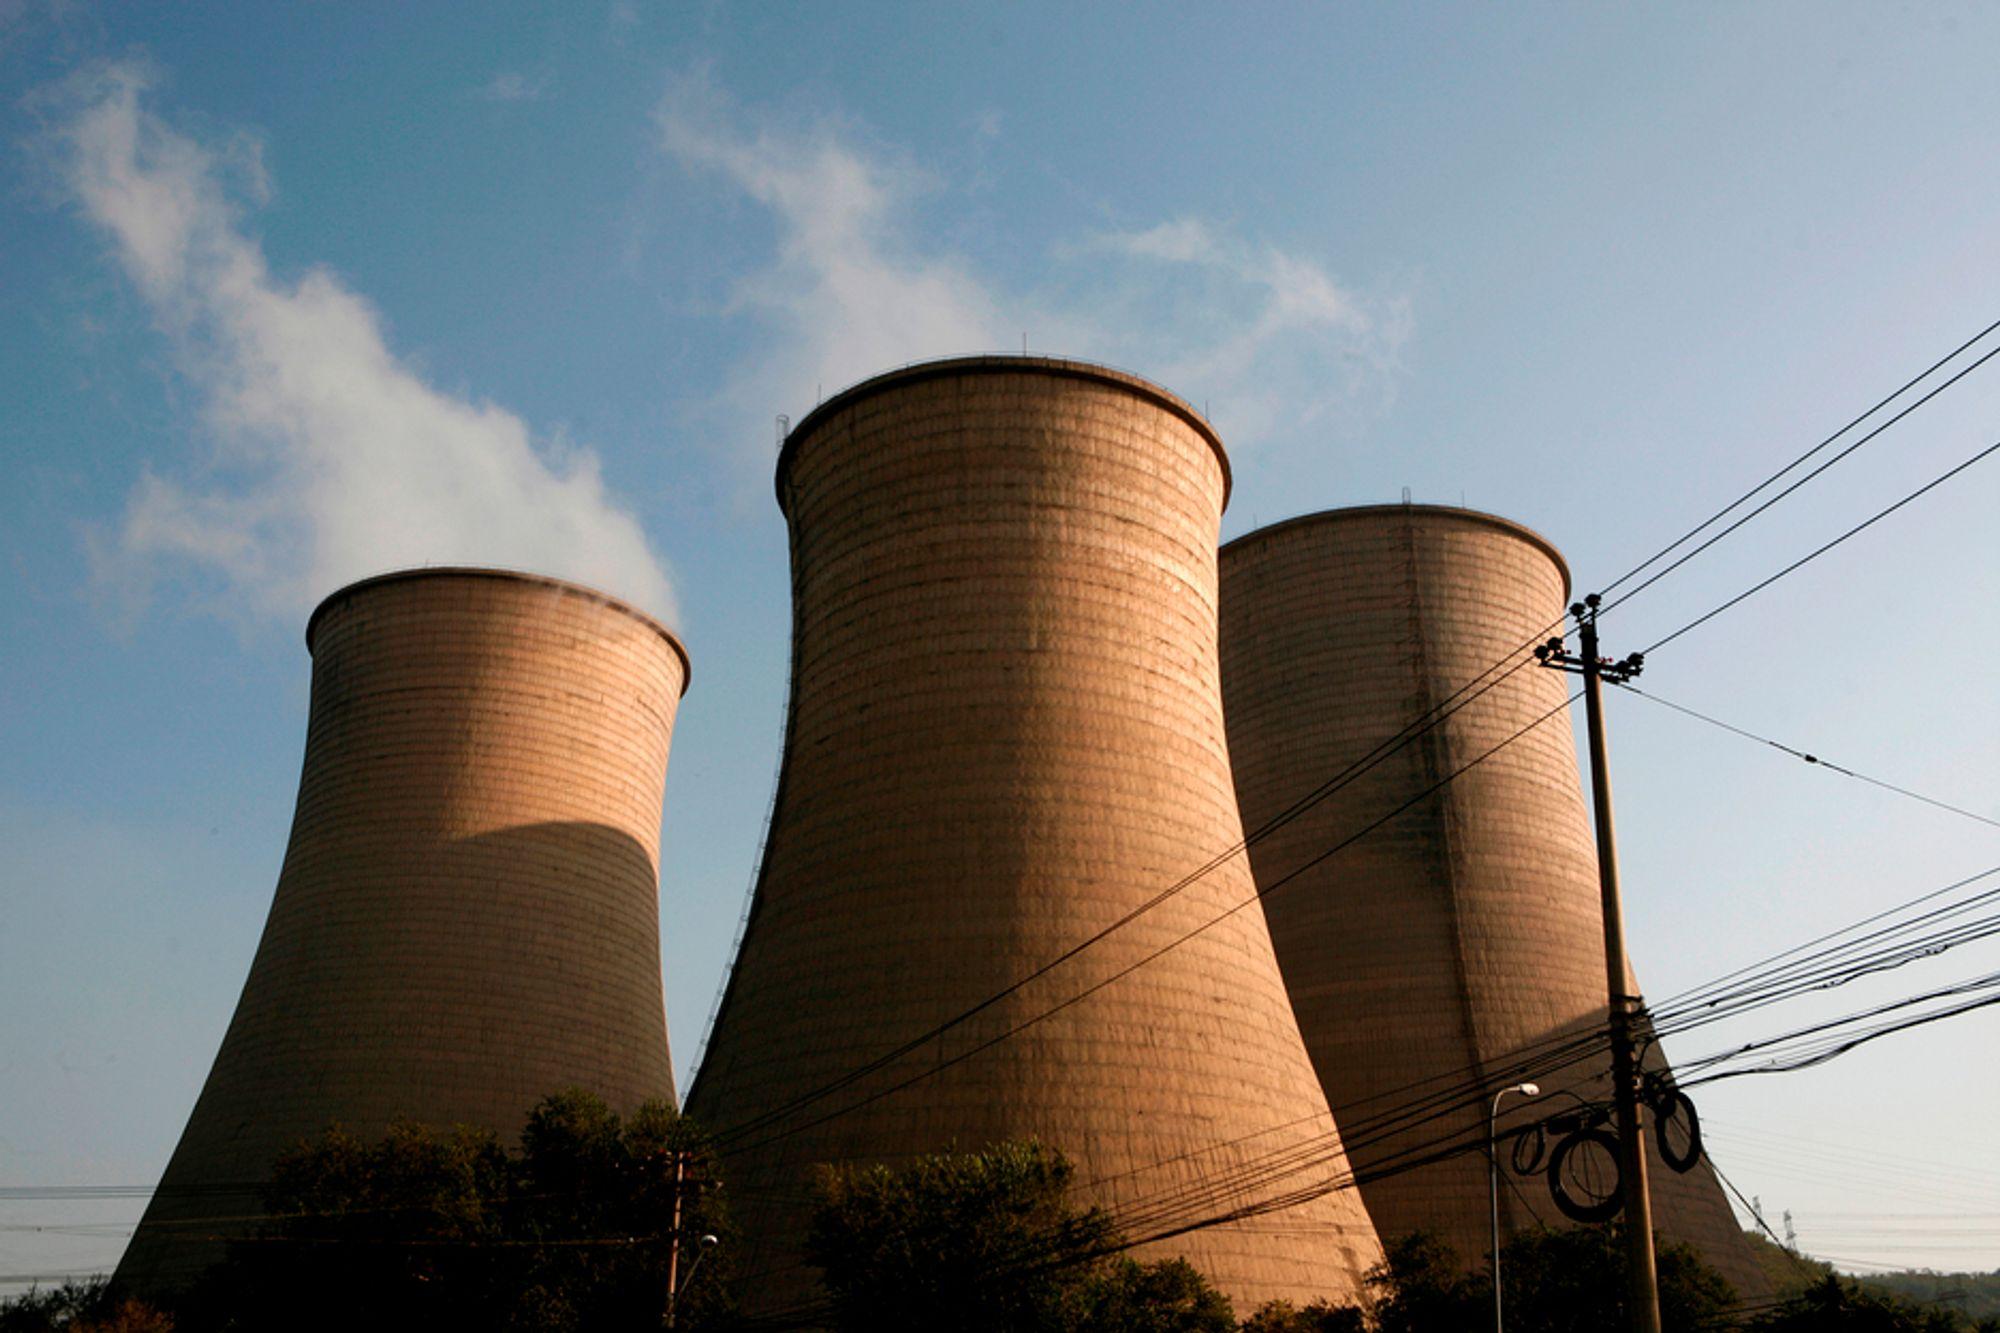 Kina forbereder seg på hva som kan skje dersom det ikke er blitt enighet om en ny klimaavtale når Kyoto-avtalen utløper i 2012. Bildet viser et kraftverk utenfor den kinesiske hovedstaden Beijing